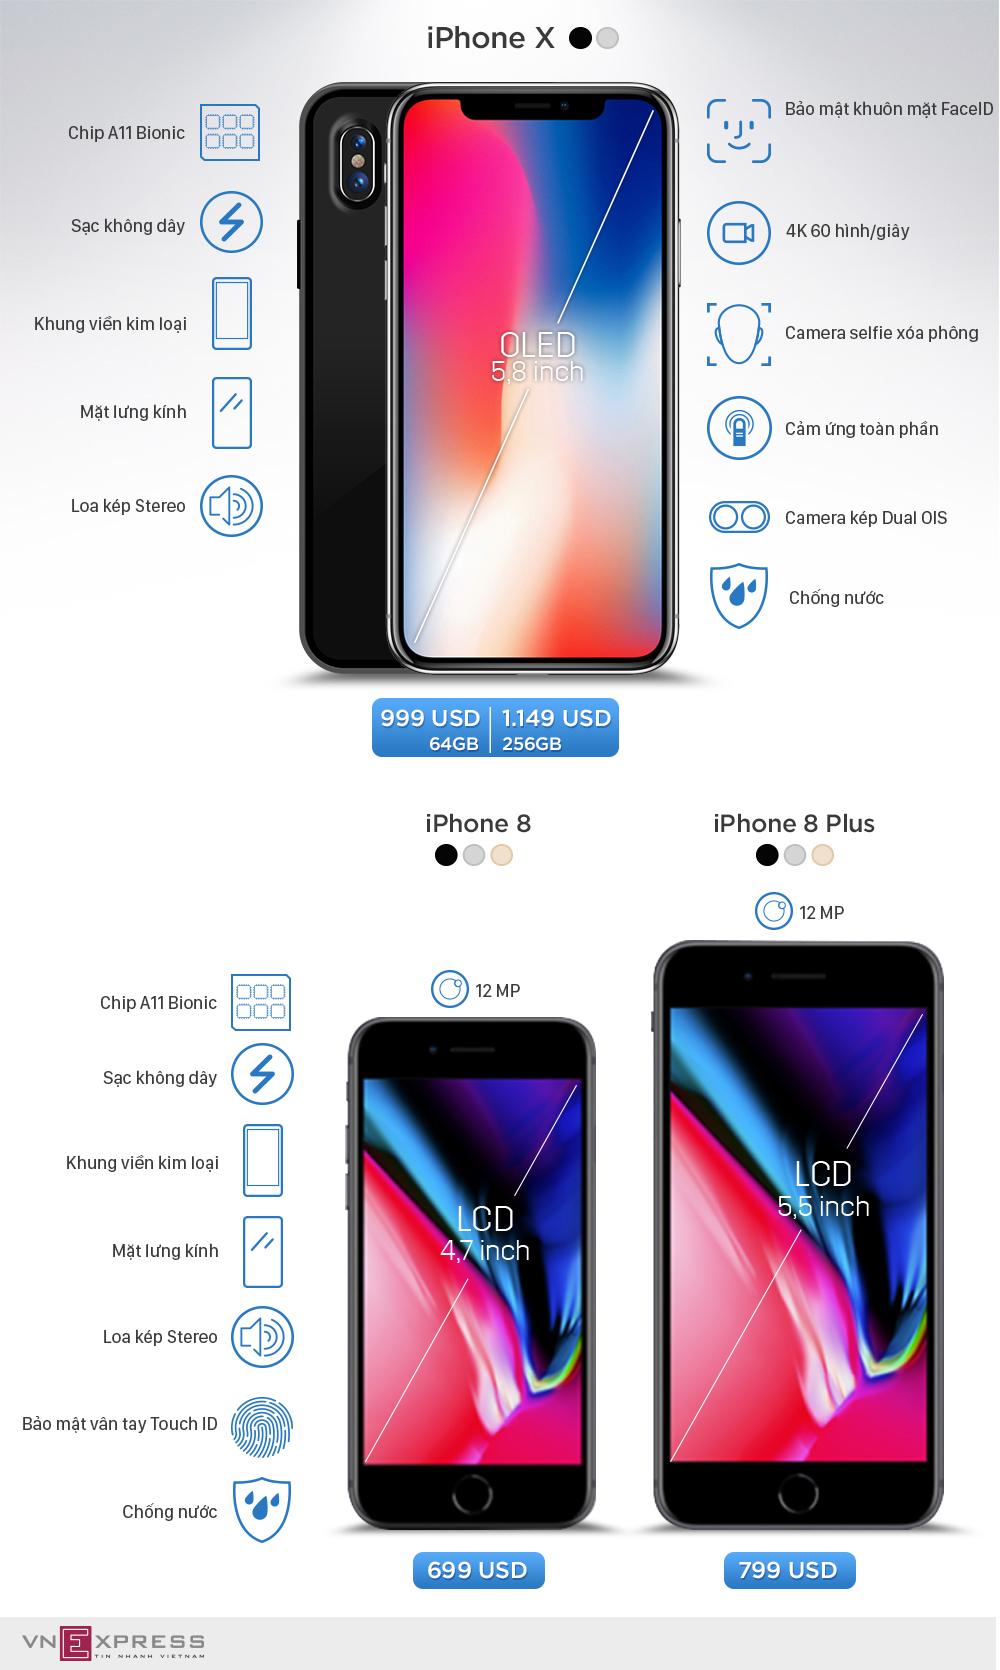 Những điểm nổi bật trên bộ ba iPhone vừa ra mắt